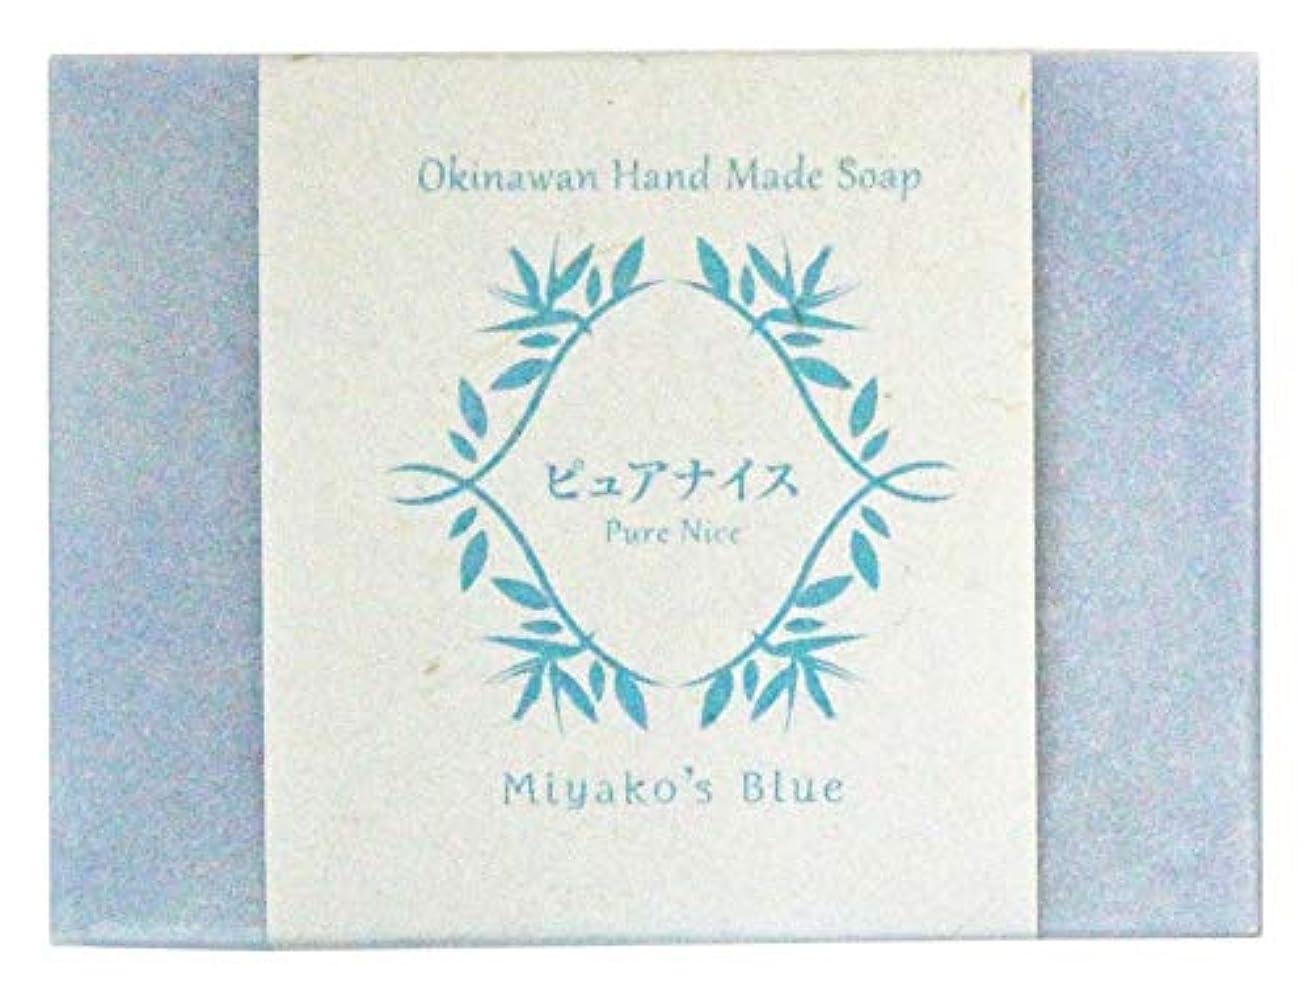 騒不規則な散歩に行くピュアナイス おきなわ素材石けん Miyako's Blue 100g 3個セット